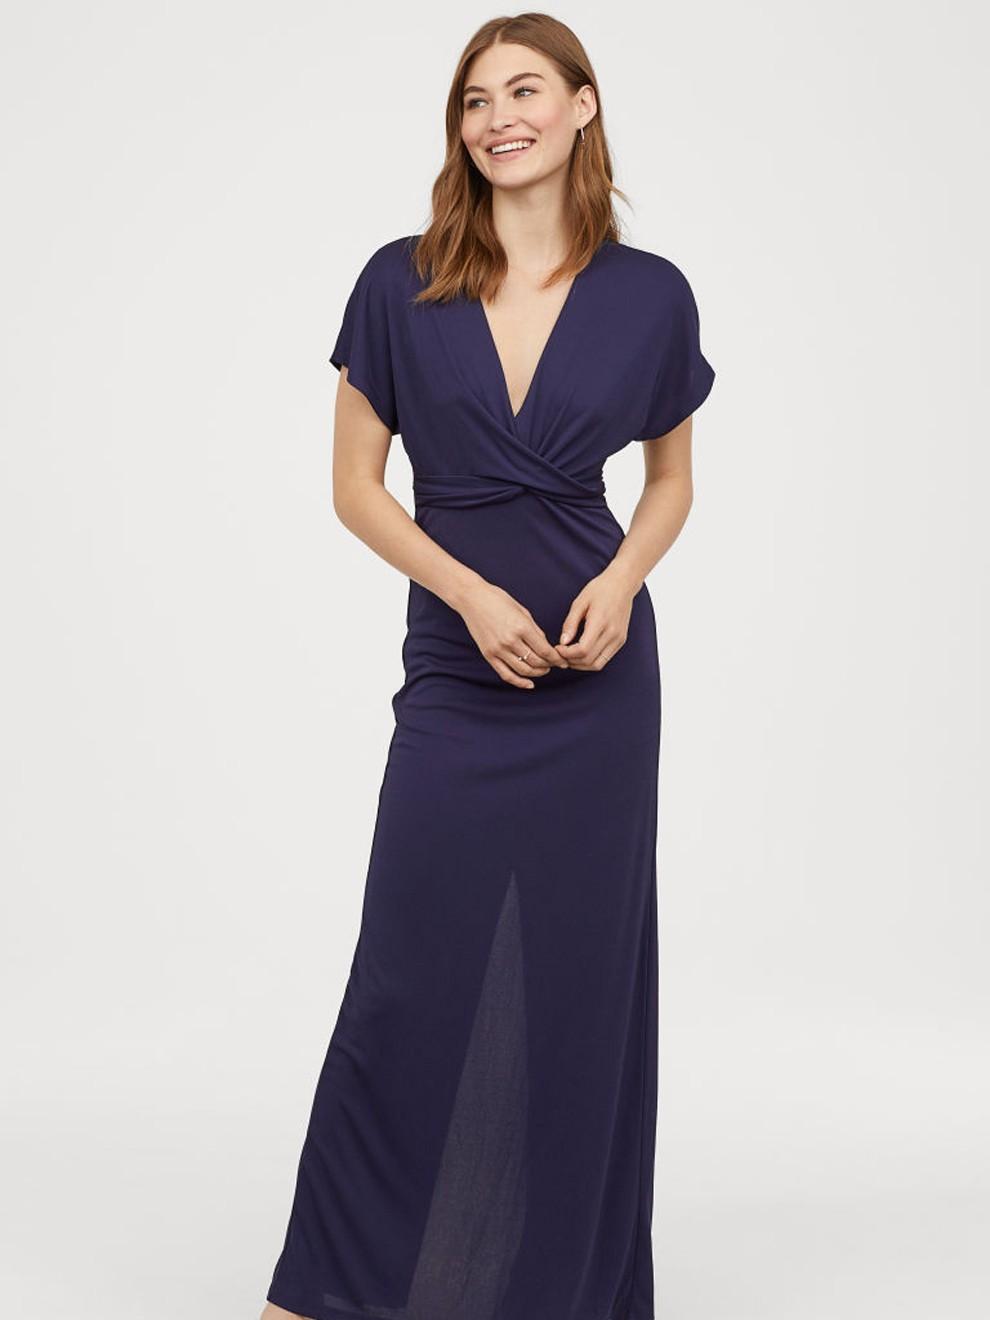 Bodas 2019: 31 vestidos de invitada por menos de 155 euros